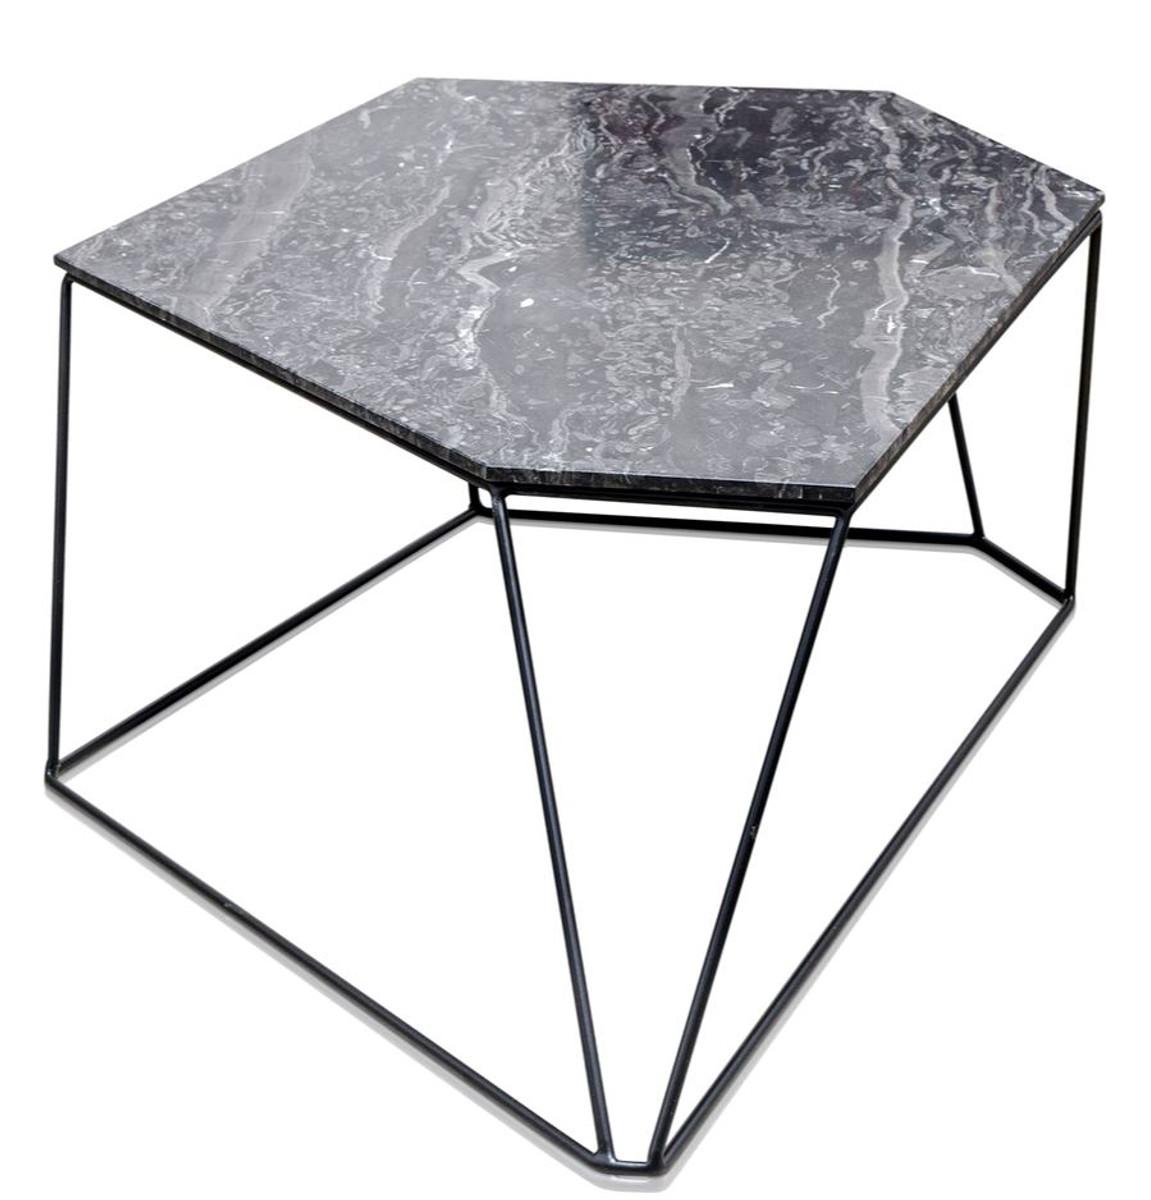 casa padrino designer couchtisch schwarz 89 x 54 x h 30 cm luxus wohnzimmertisch mit. Black Bedroom Furniture Sets. Home Design Ideas